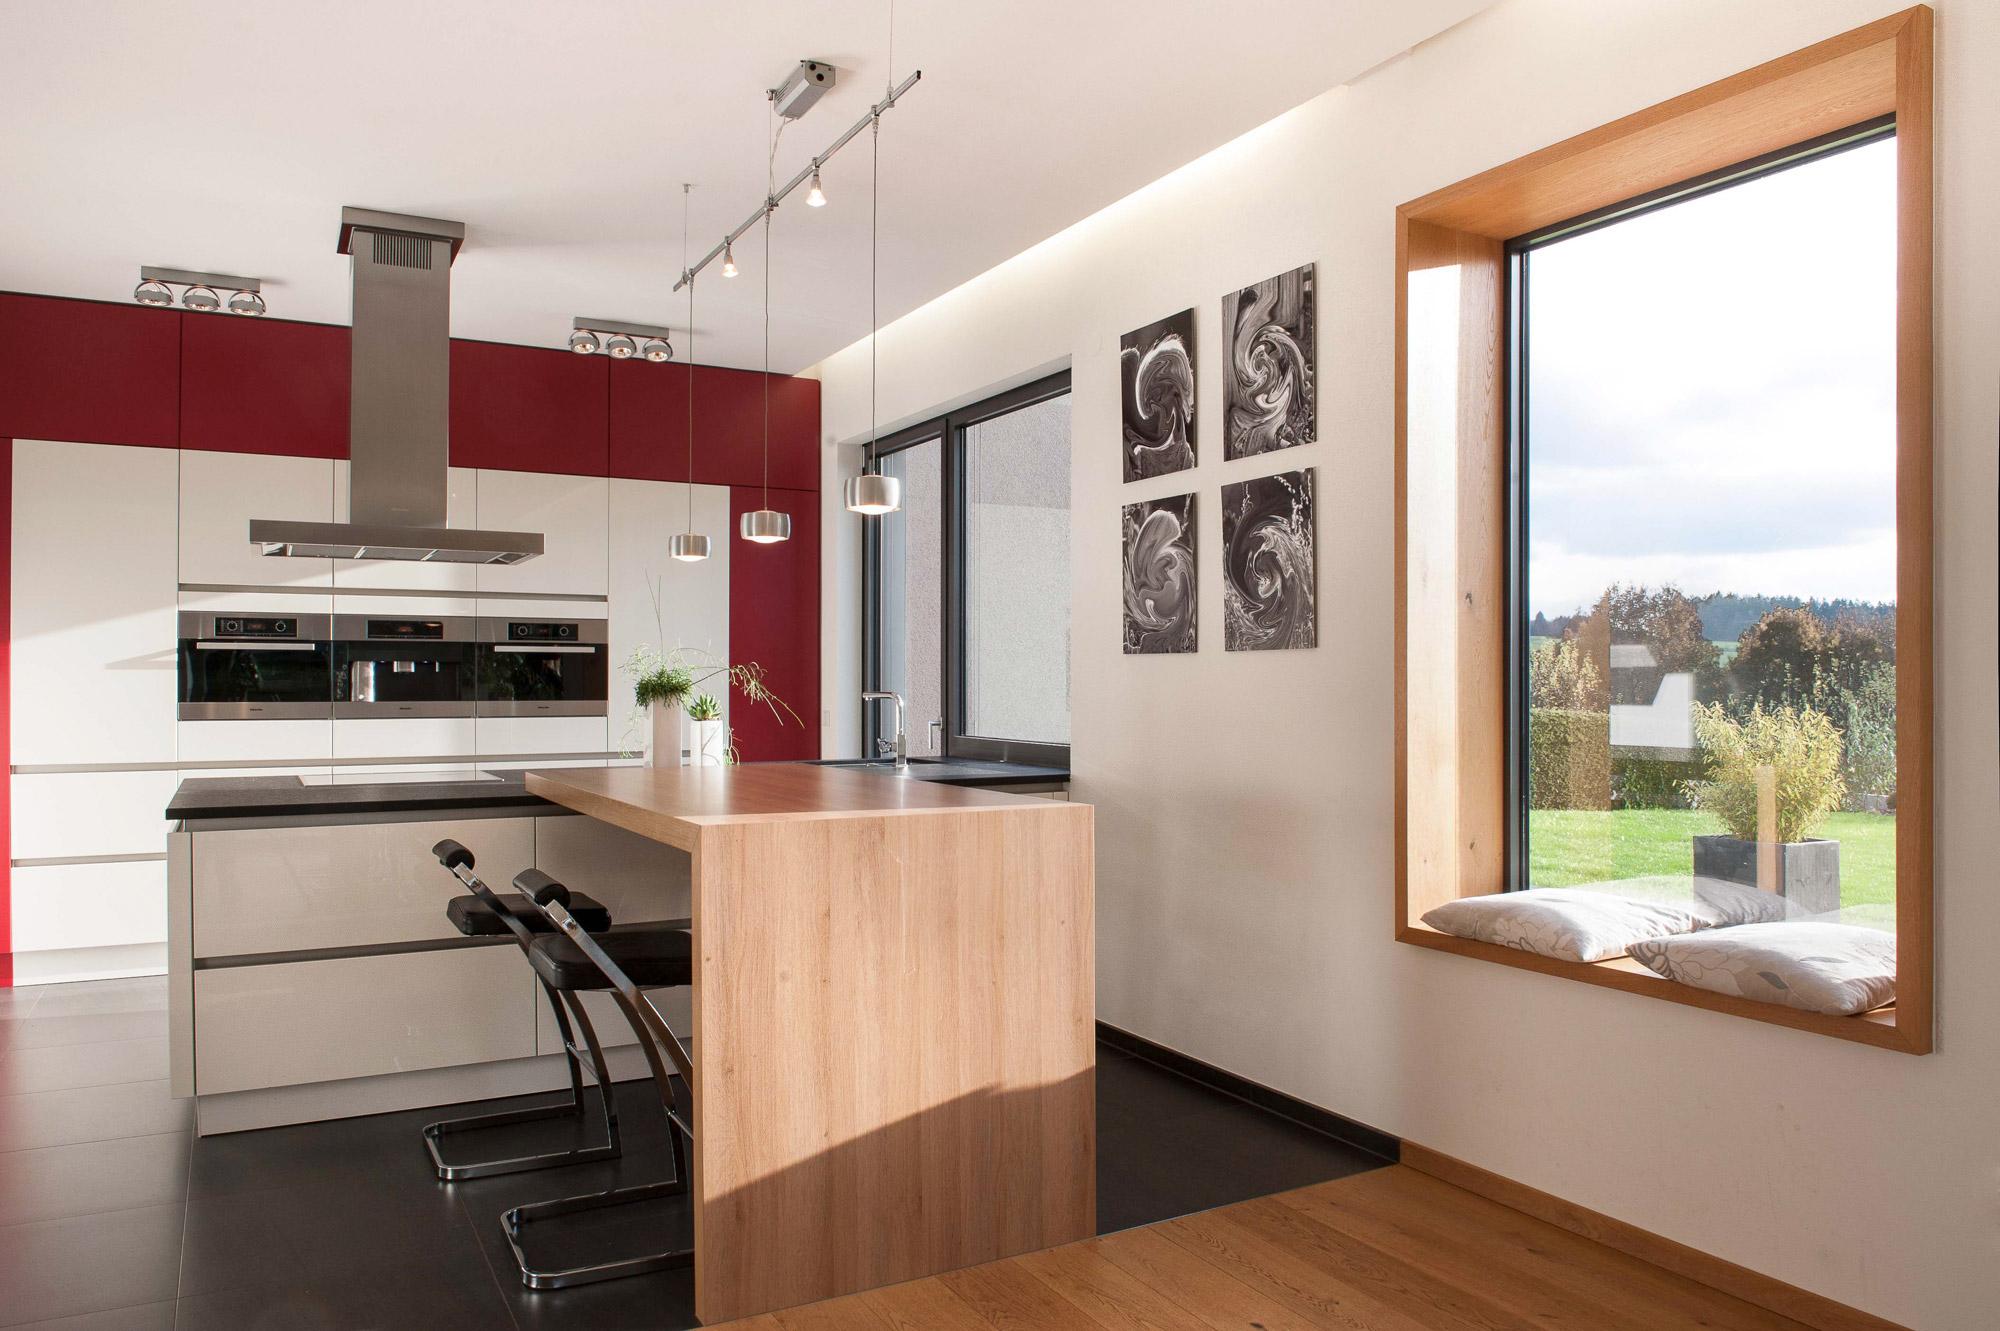 Neubau Sitzfenster Küchenbereich